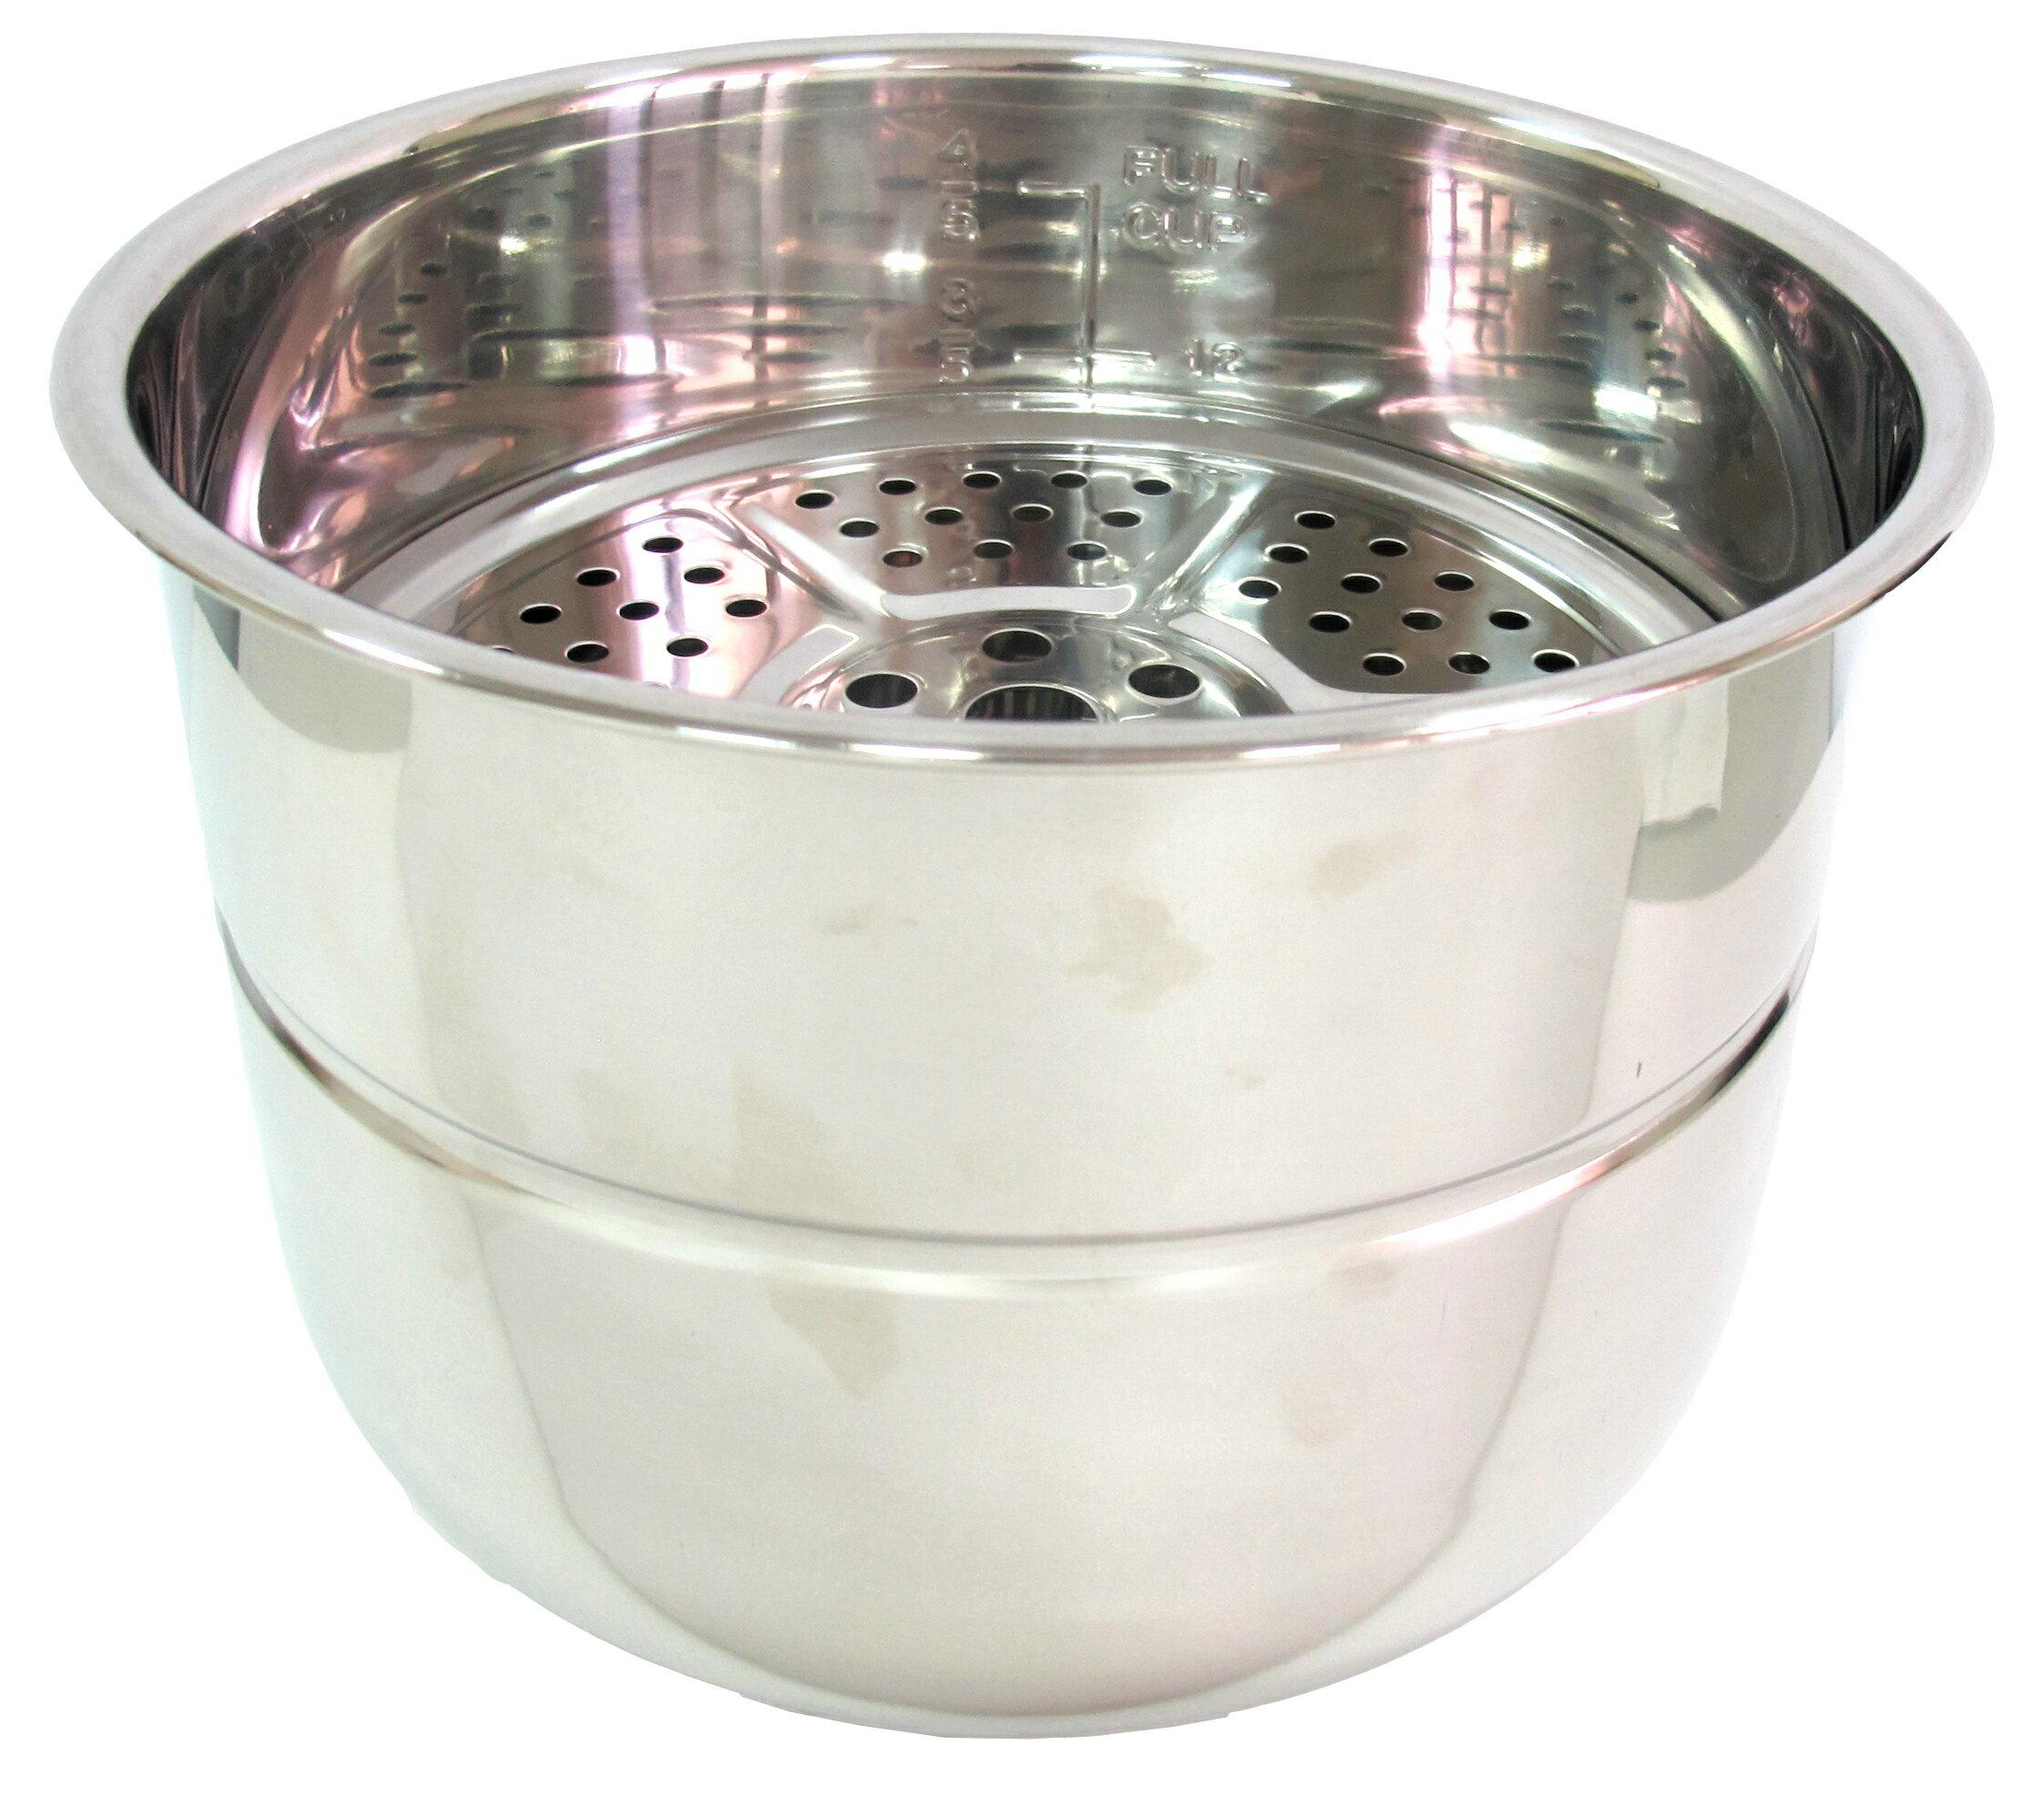 不銹鋼內鍋 6L( 饌道 全營養原味鍋 6L 專用)《都會新貴購物網》